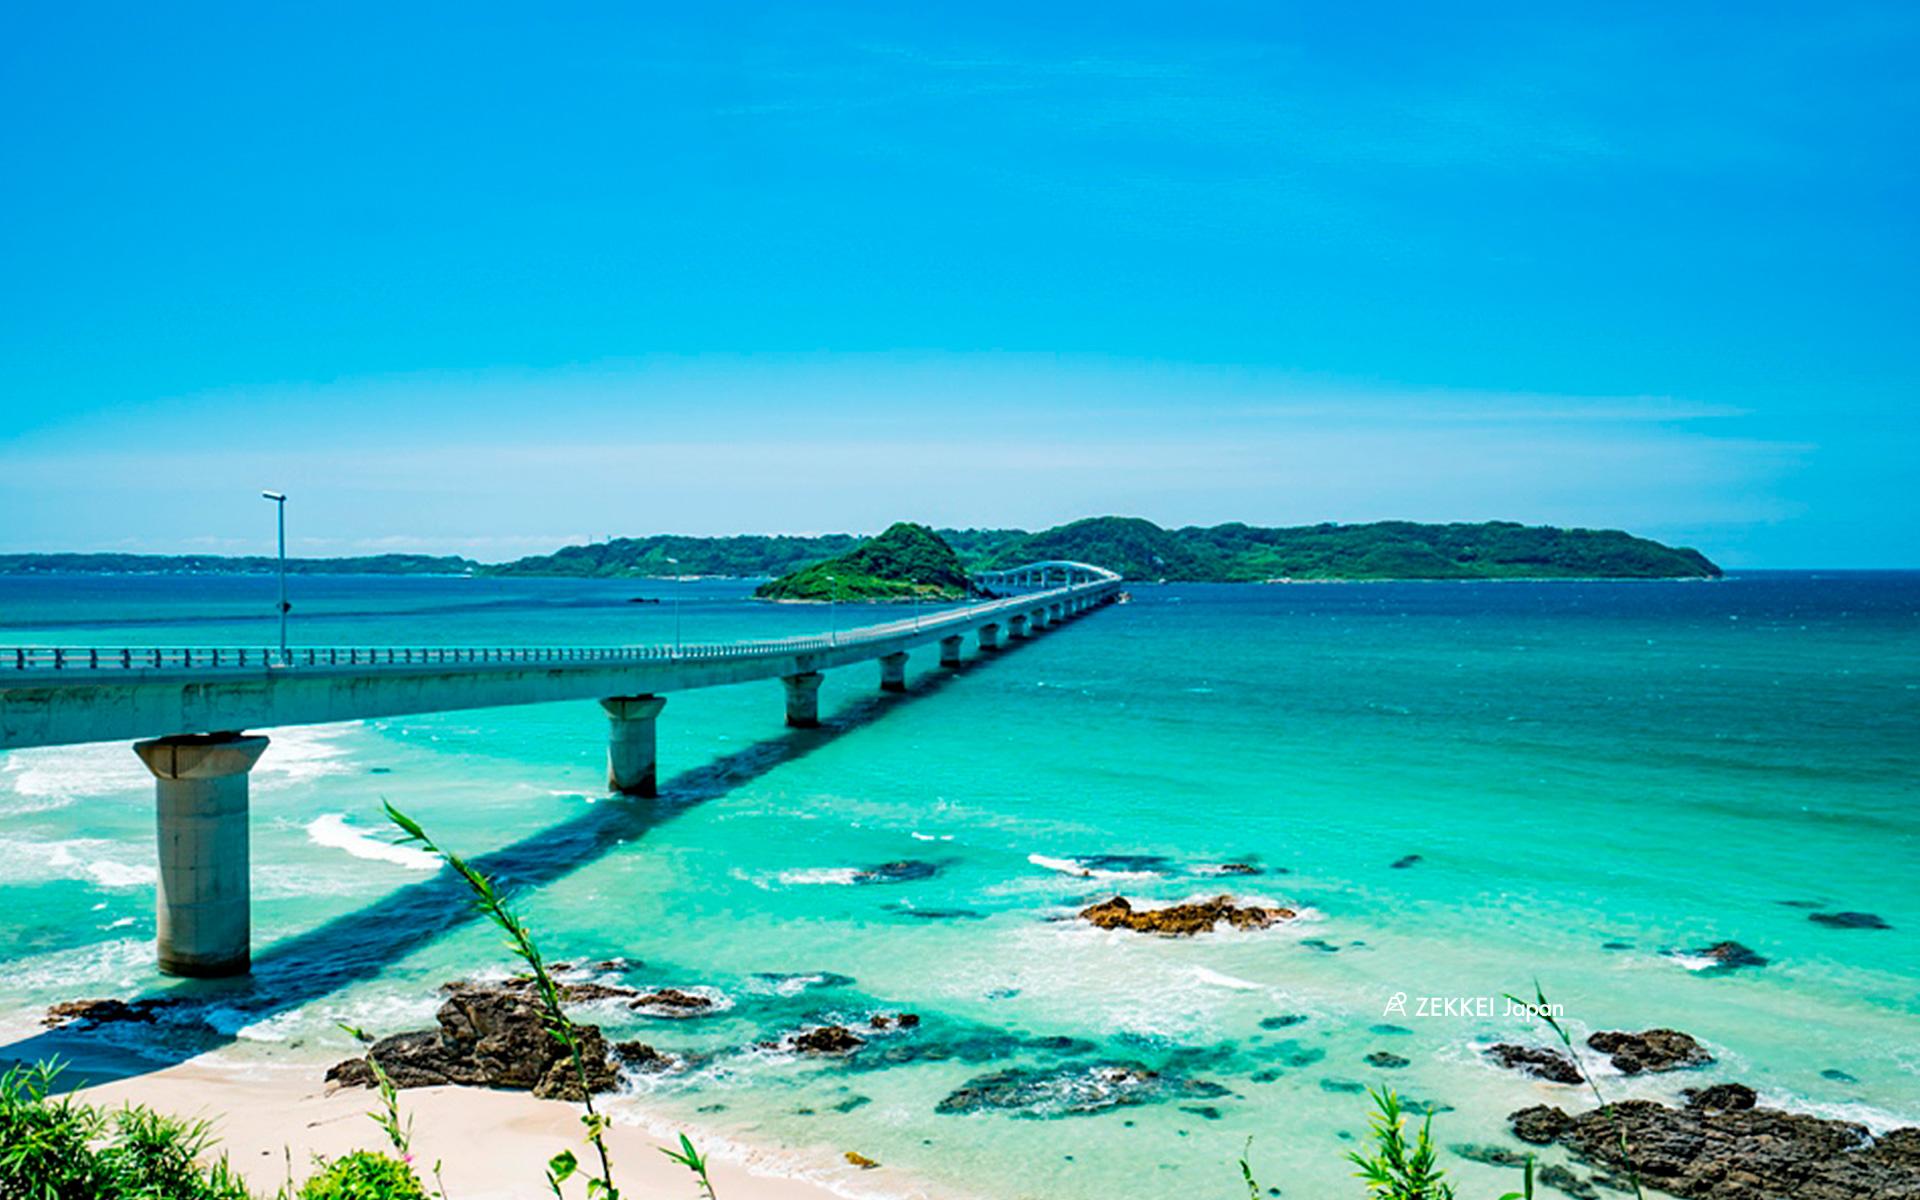 あなたのパソコン スマホに絶景を 海にかかる橋のzekkei壁紙をプレゼント Zekkei Japan